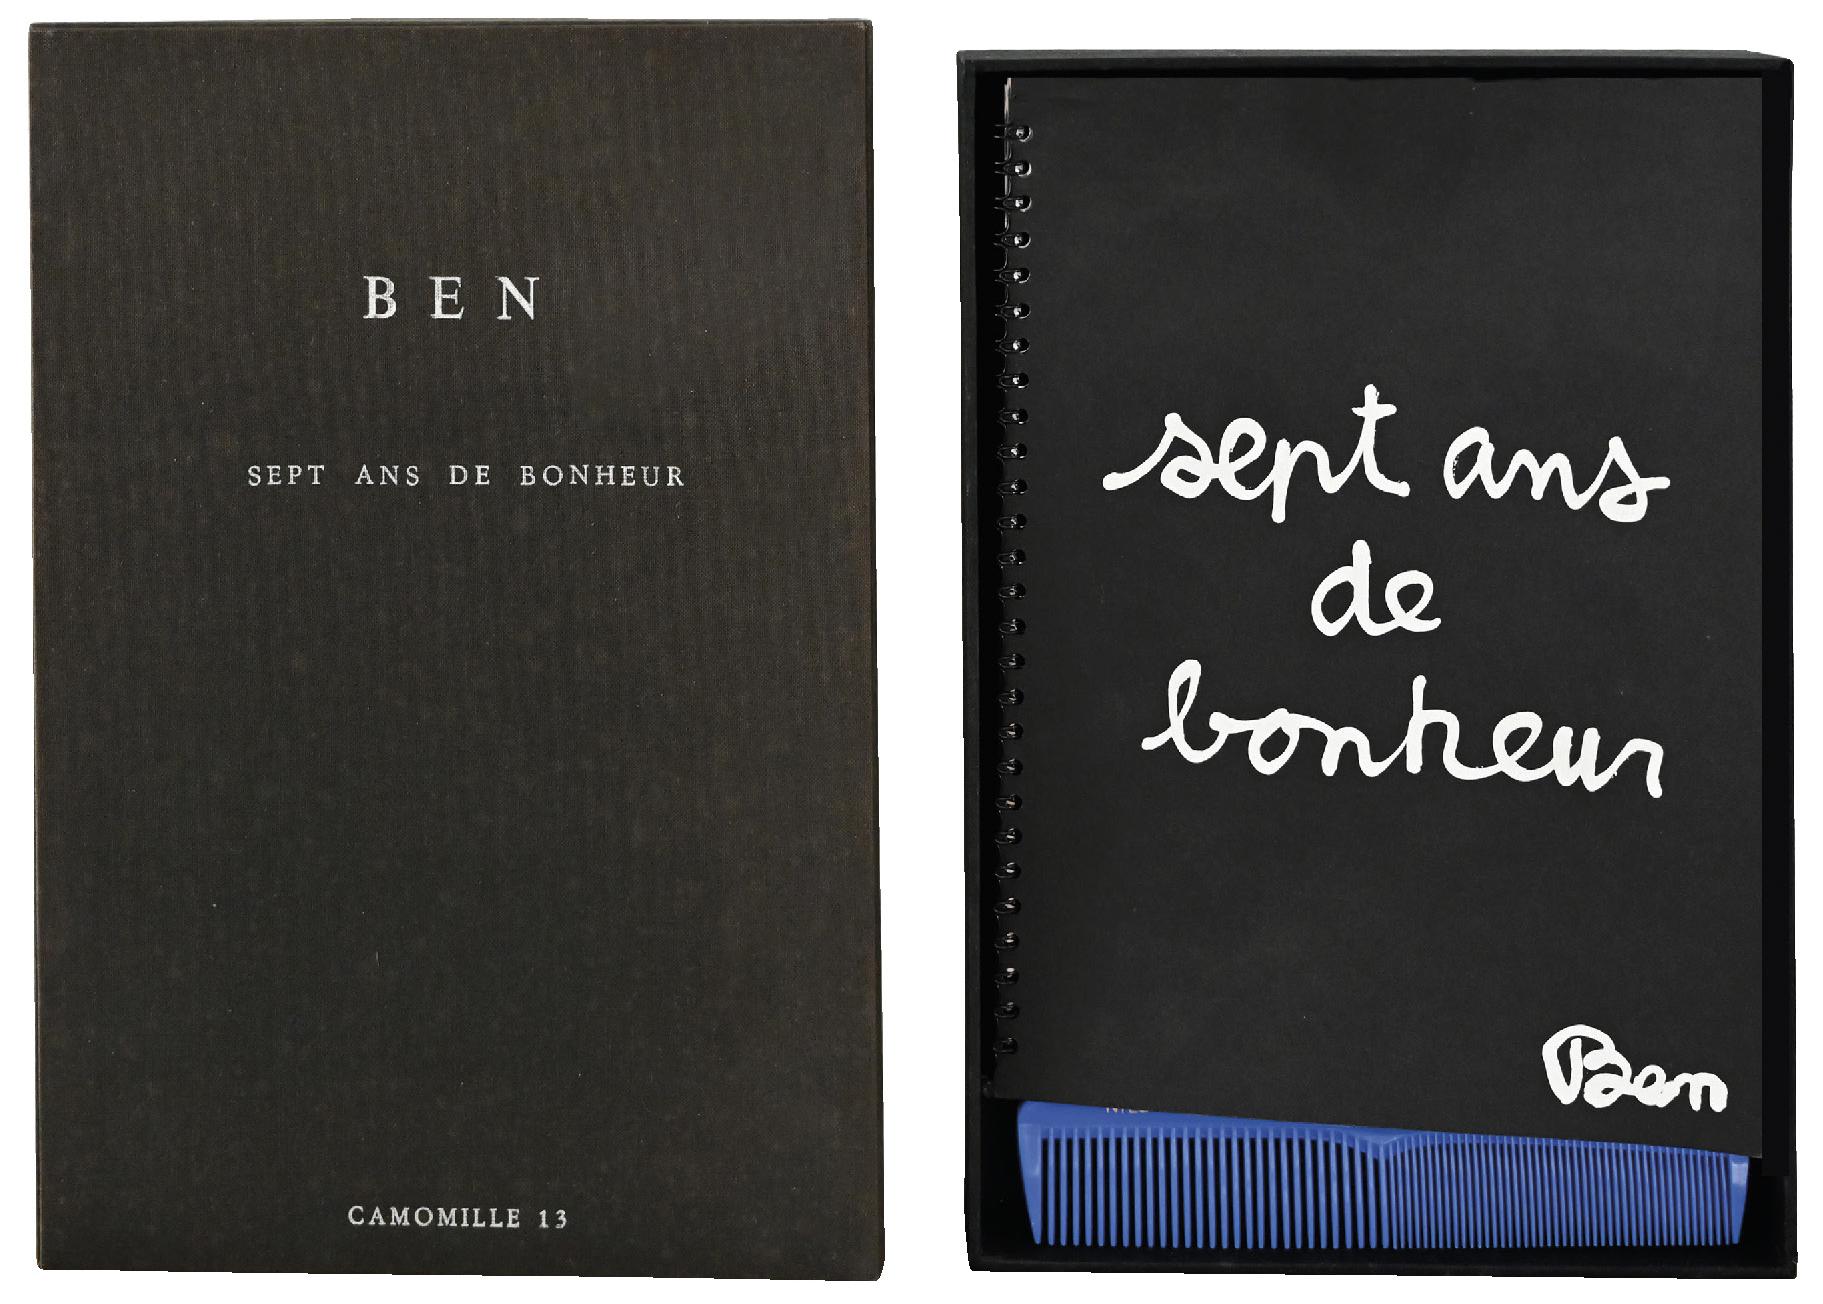 Lot 73 - BEN (1935) Sept ans de bonheur - Mixed media (Art book) - 29,5 x 20,5 x 4,5 cm -